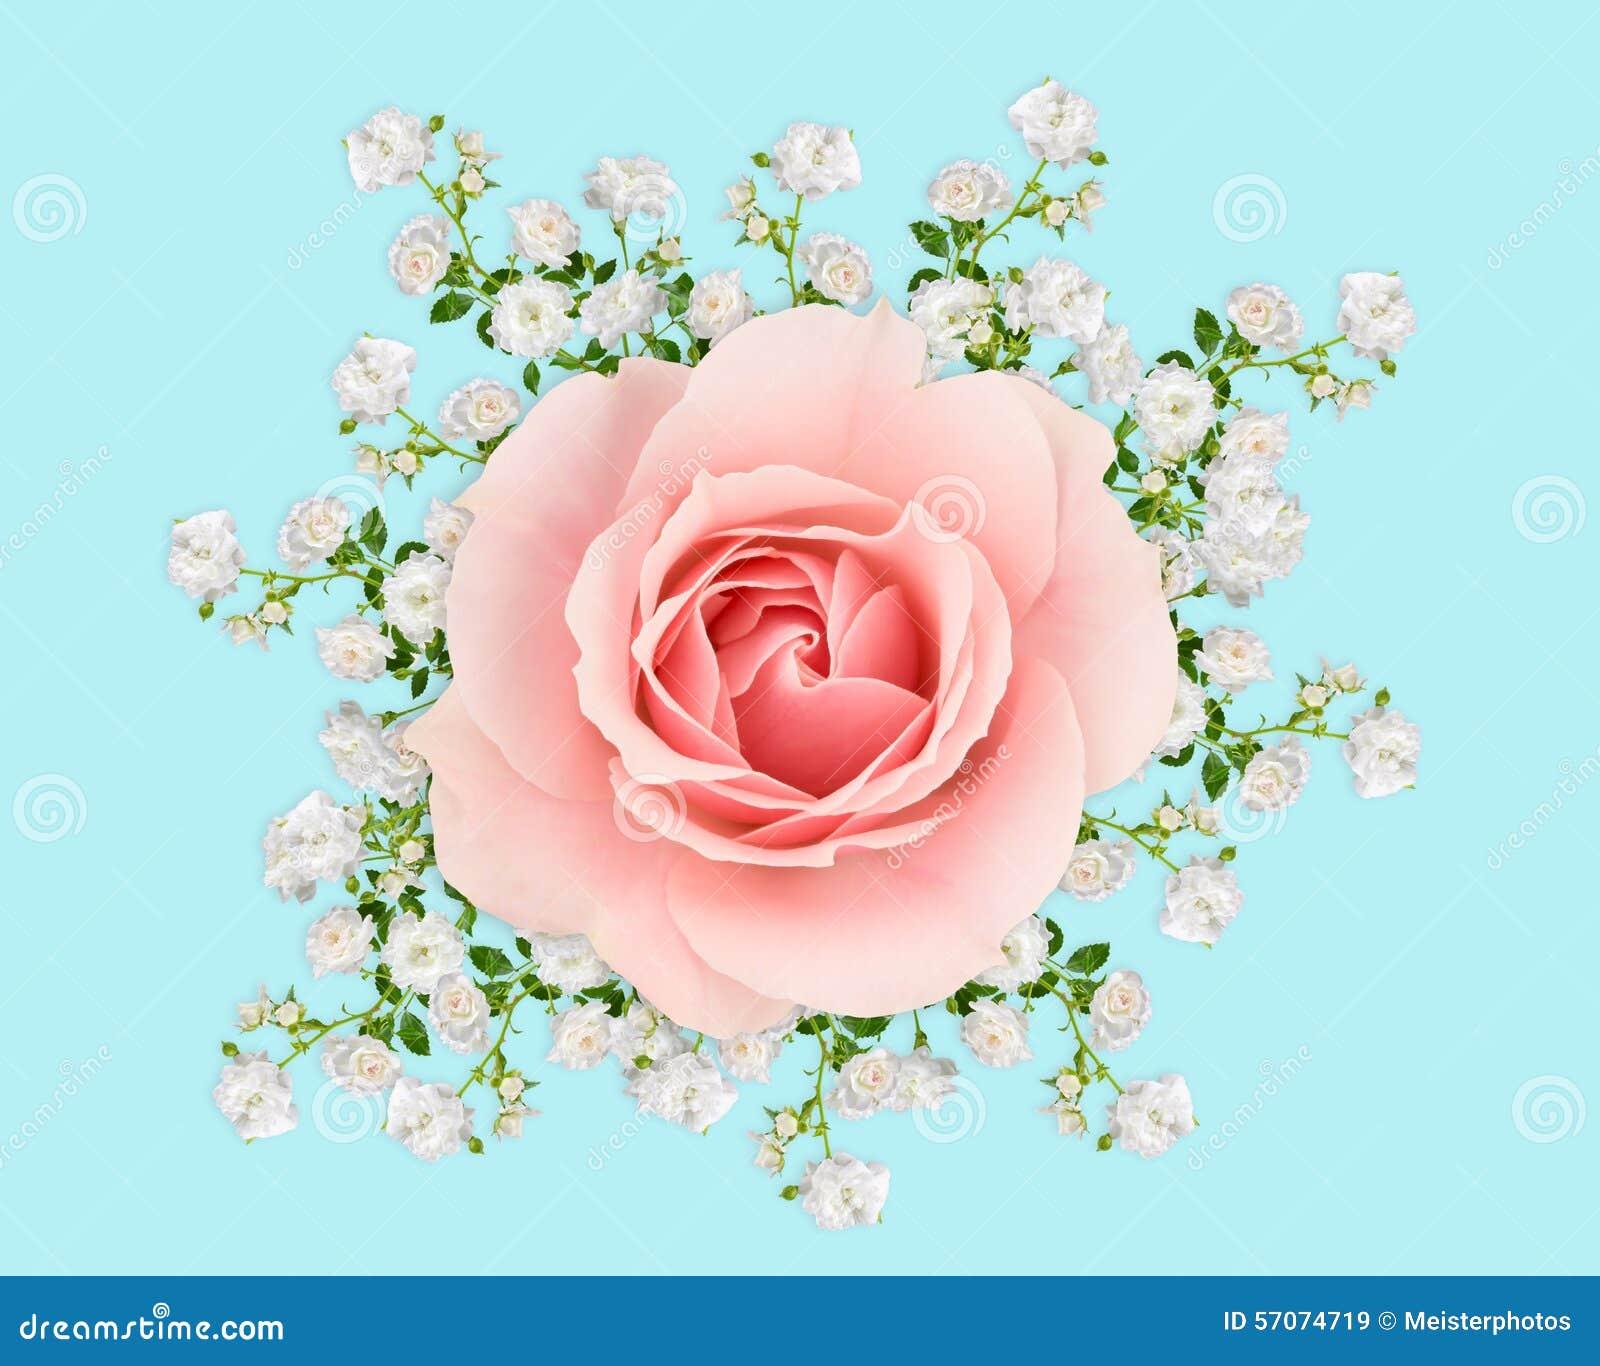 Roze en witte rozen op pastelkleurblauw